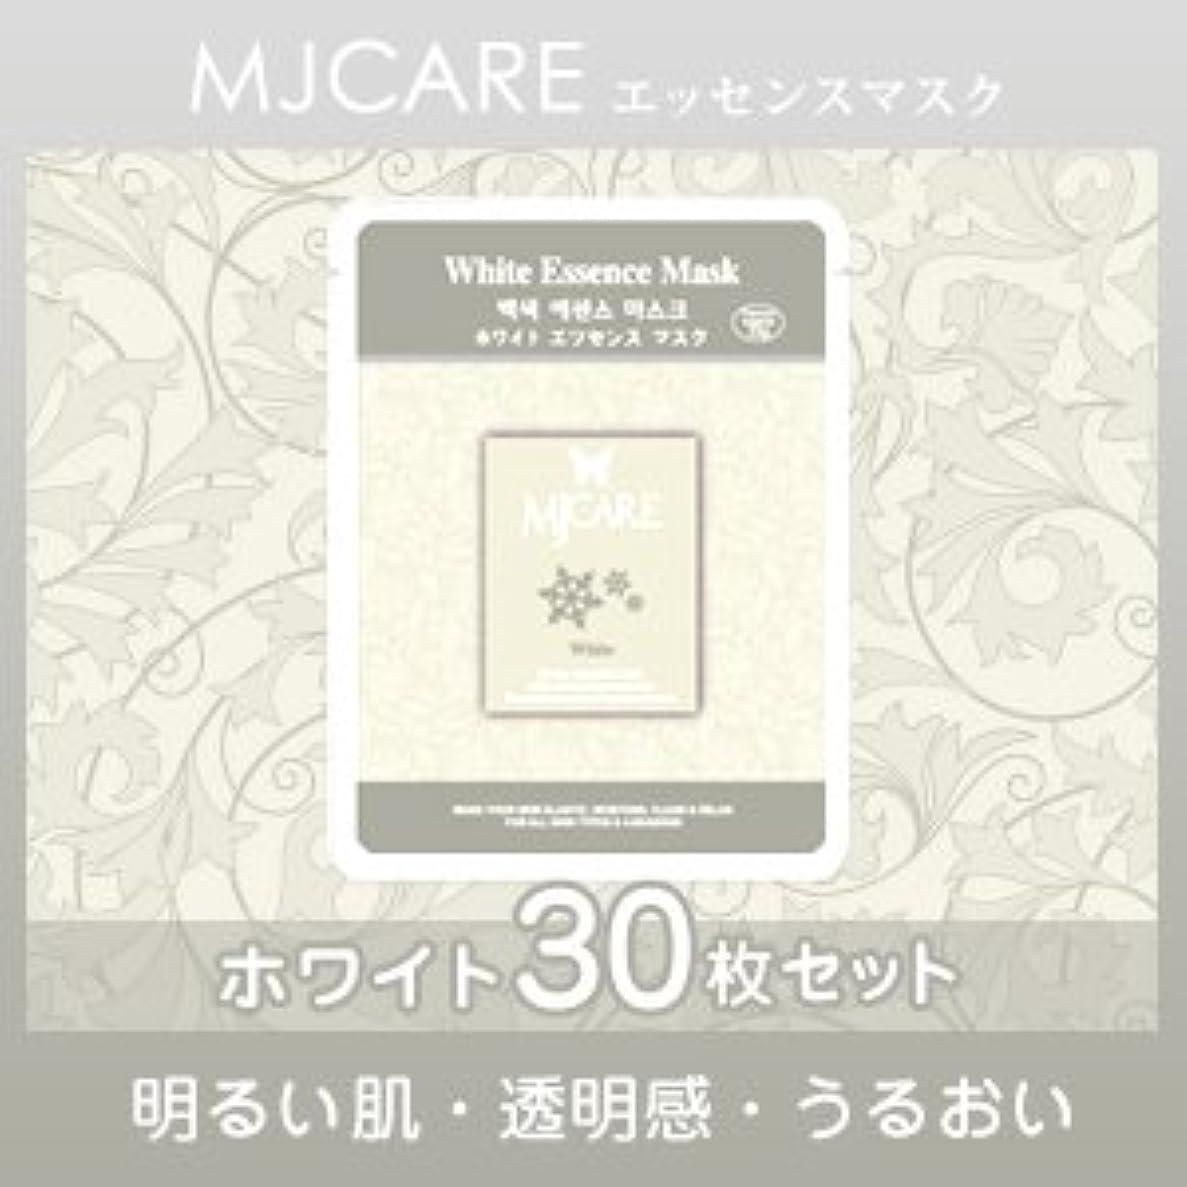 マージ外科医予想するMJCARE (エムジェイケア) ホワイト エッセンスマスク 30セット